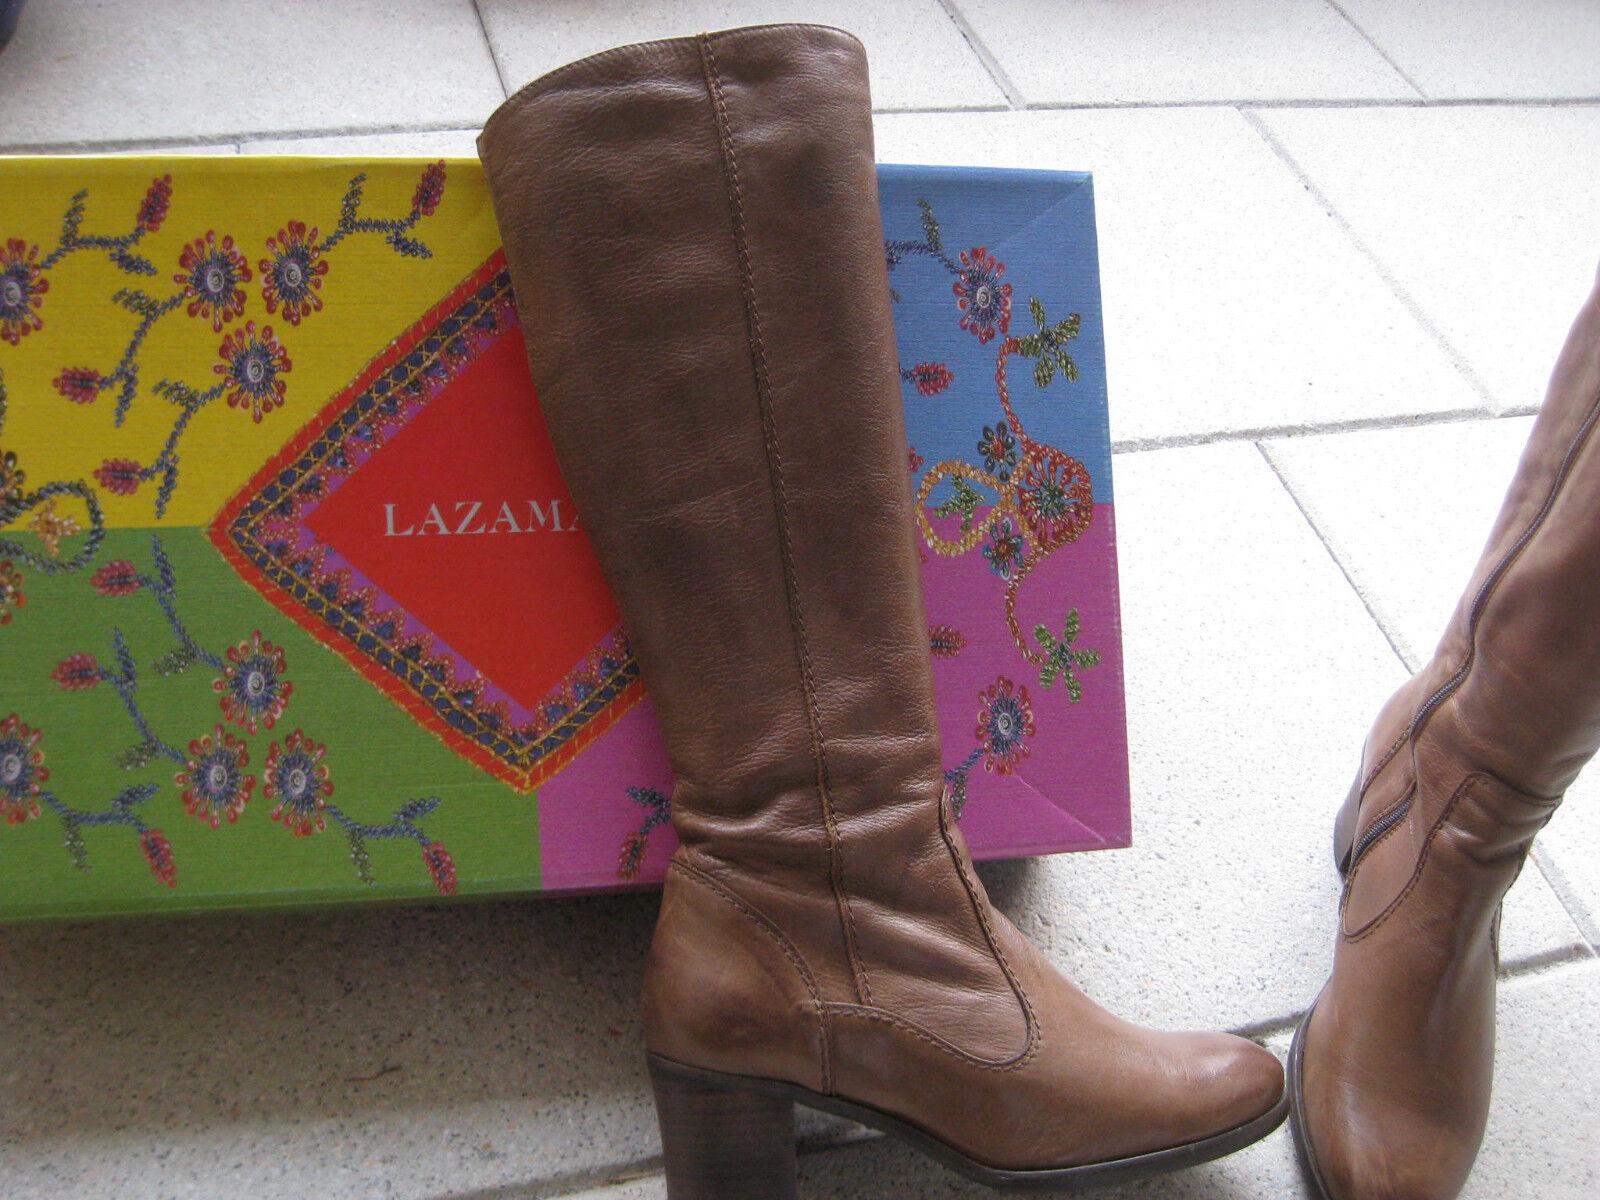 Lazamani 41 Damen Stiefel Boots Gr. 41 Lazamani braun taupe Leder innen außen Top Zustand 00aae1